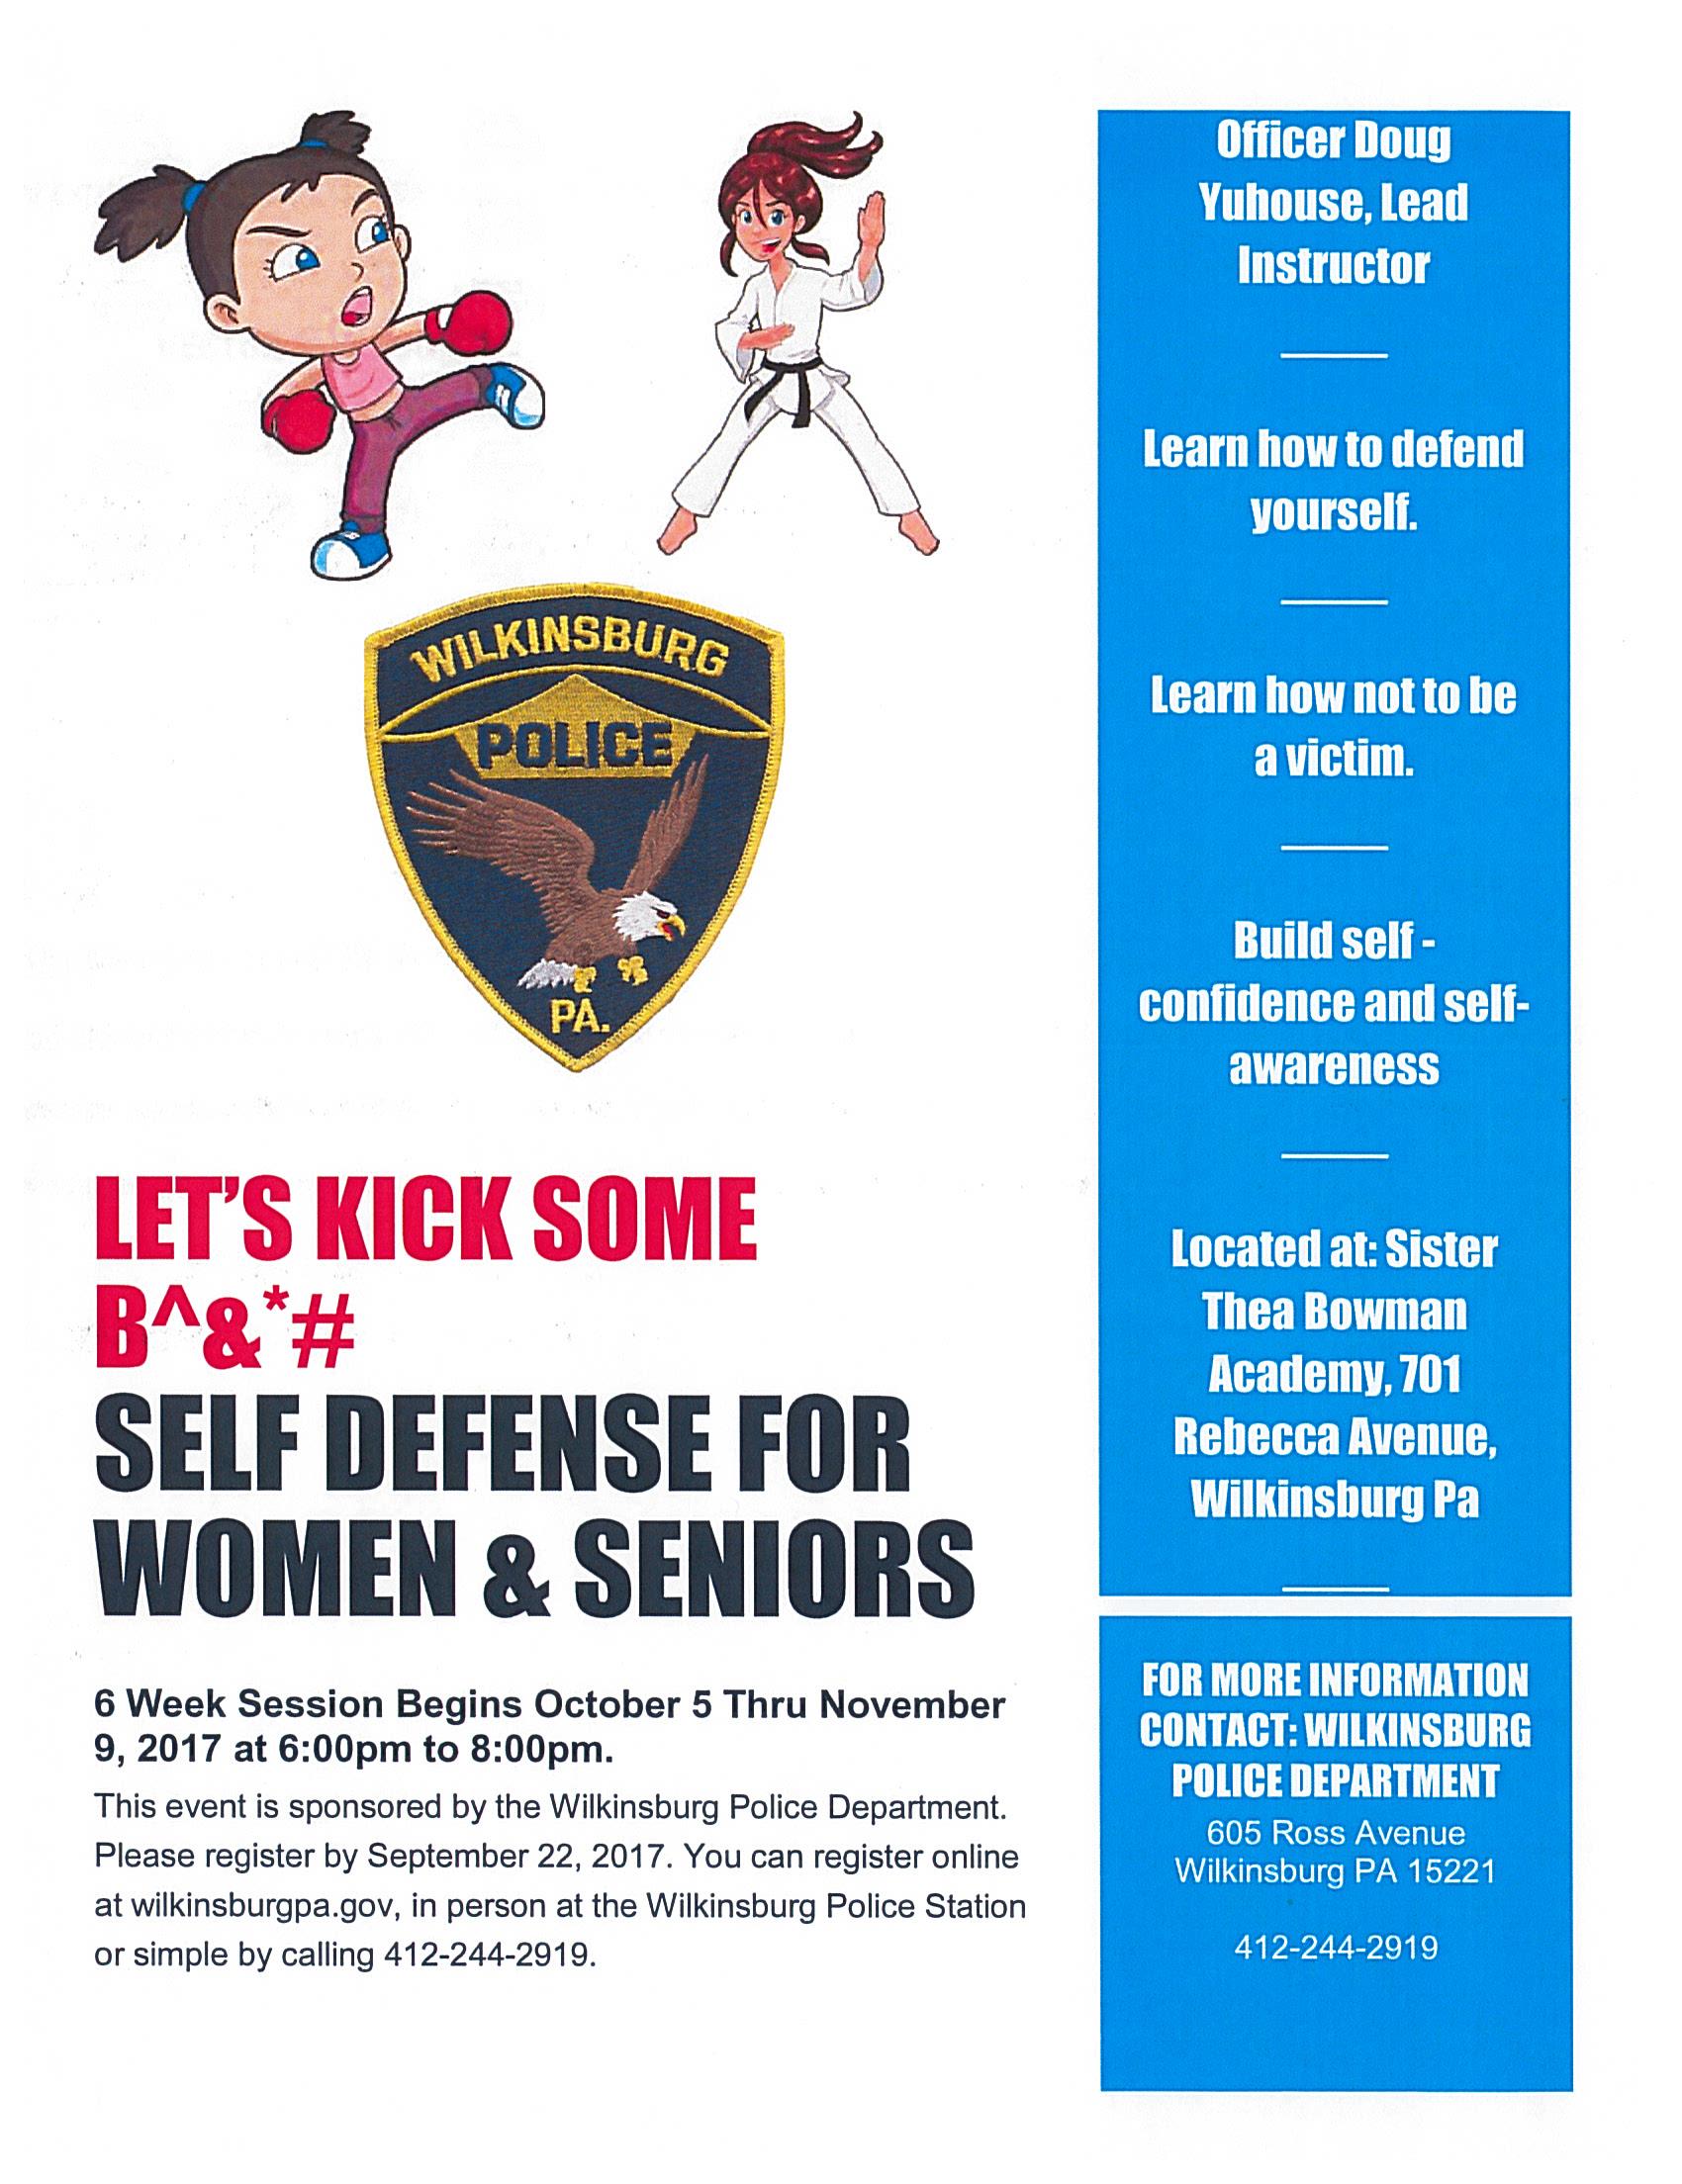 Free Self Defense Classes - Borough of Wilkinsburg